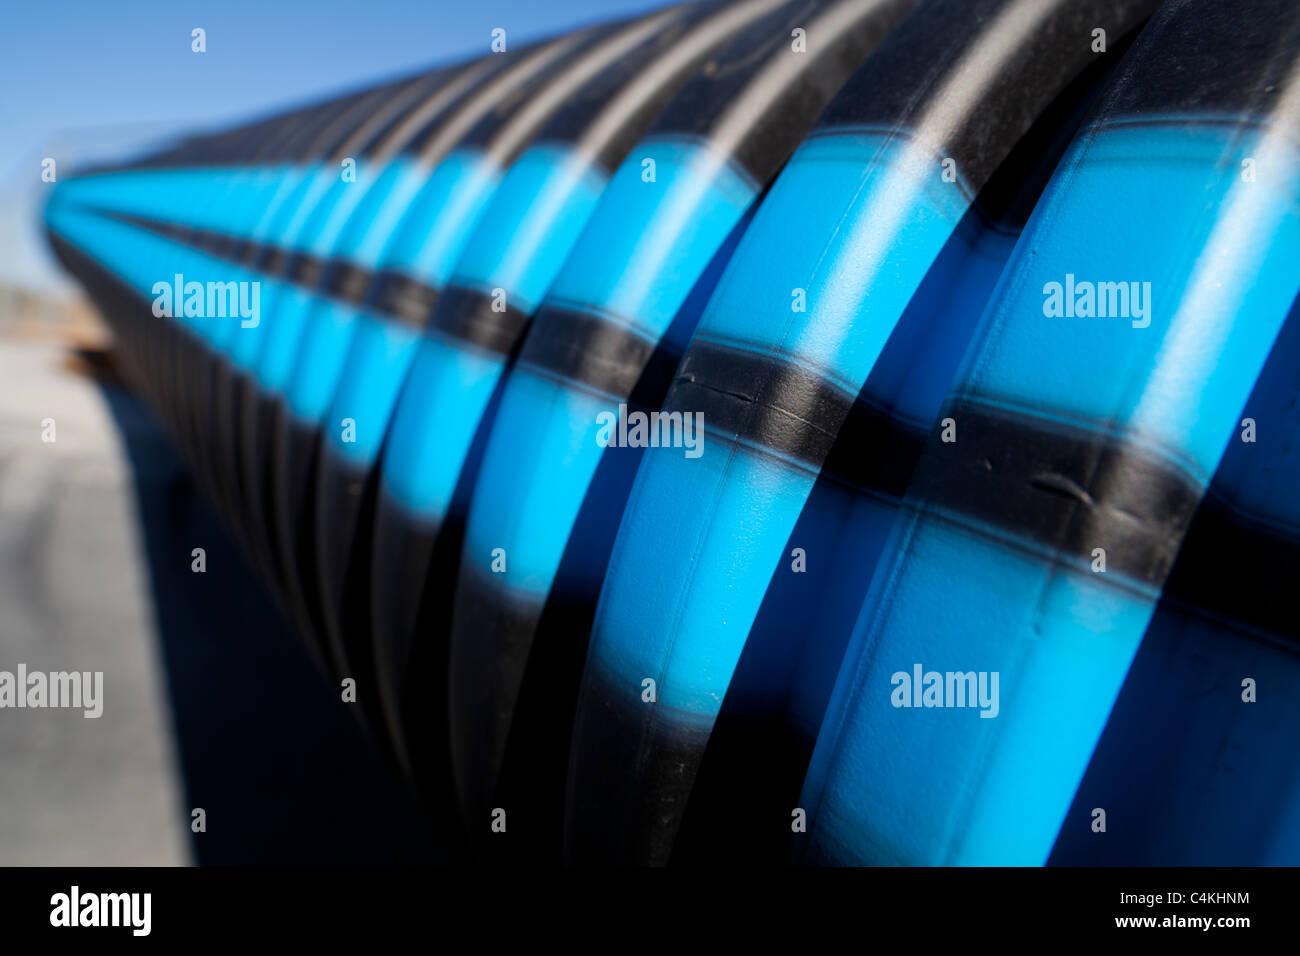 Blu e nero su strisce in PVC scanalato acqua sulla superficie del tubo Immagini Stock